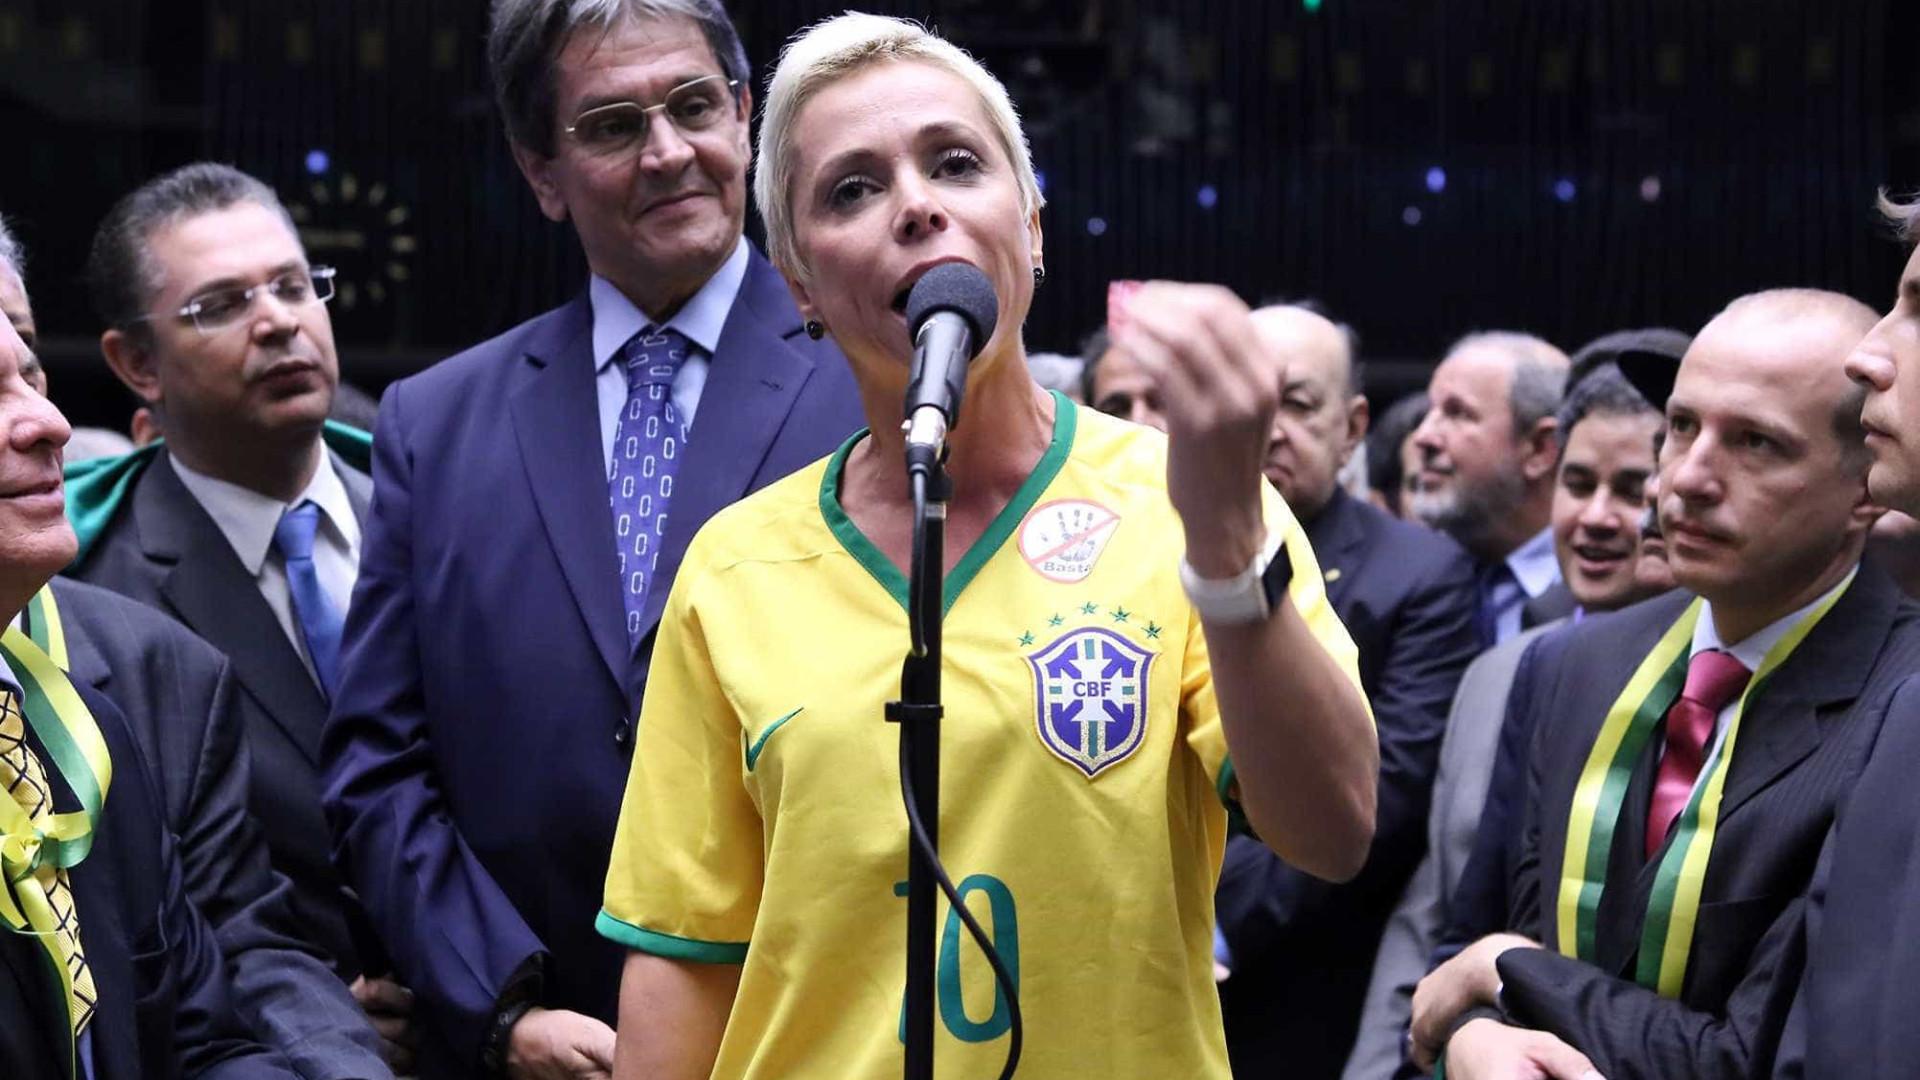 Em áudio, Cristiane Brasilpressionaservidores por votos